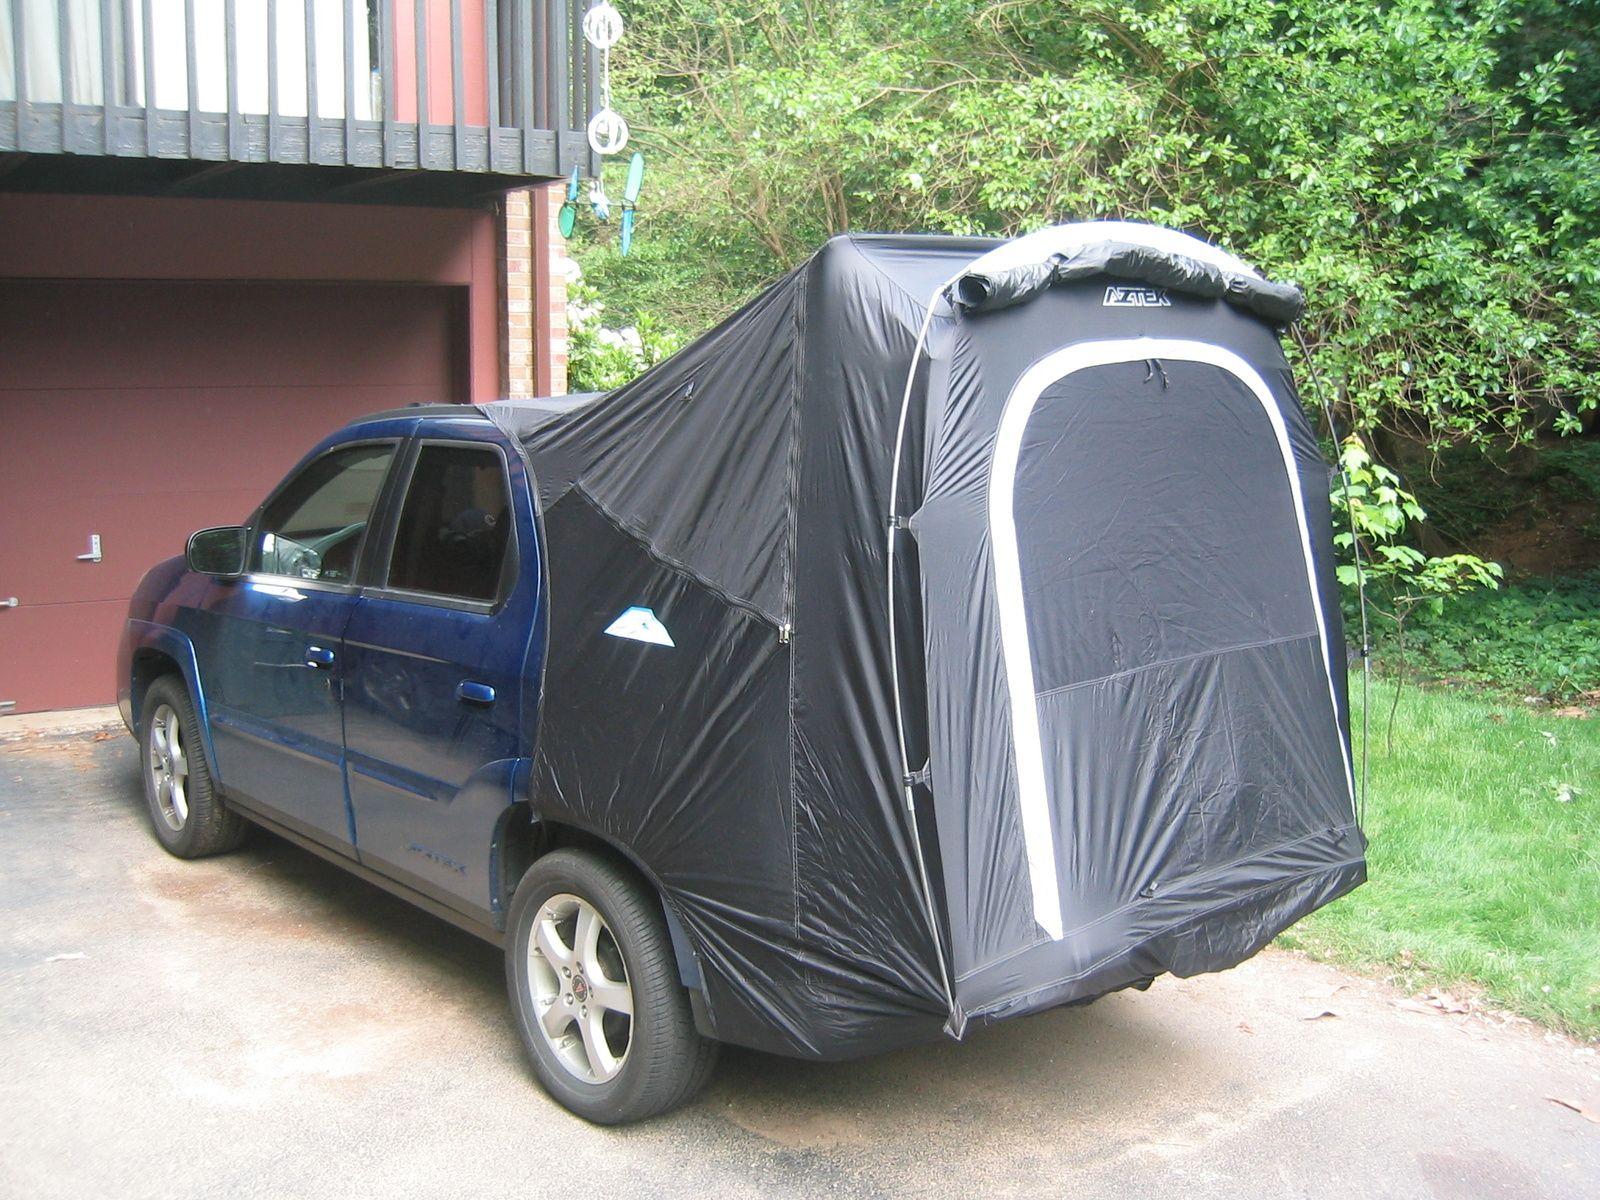 Pontiac aztek rally pontiac pinterest pontiac aztek cars and offroad